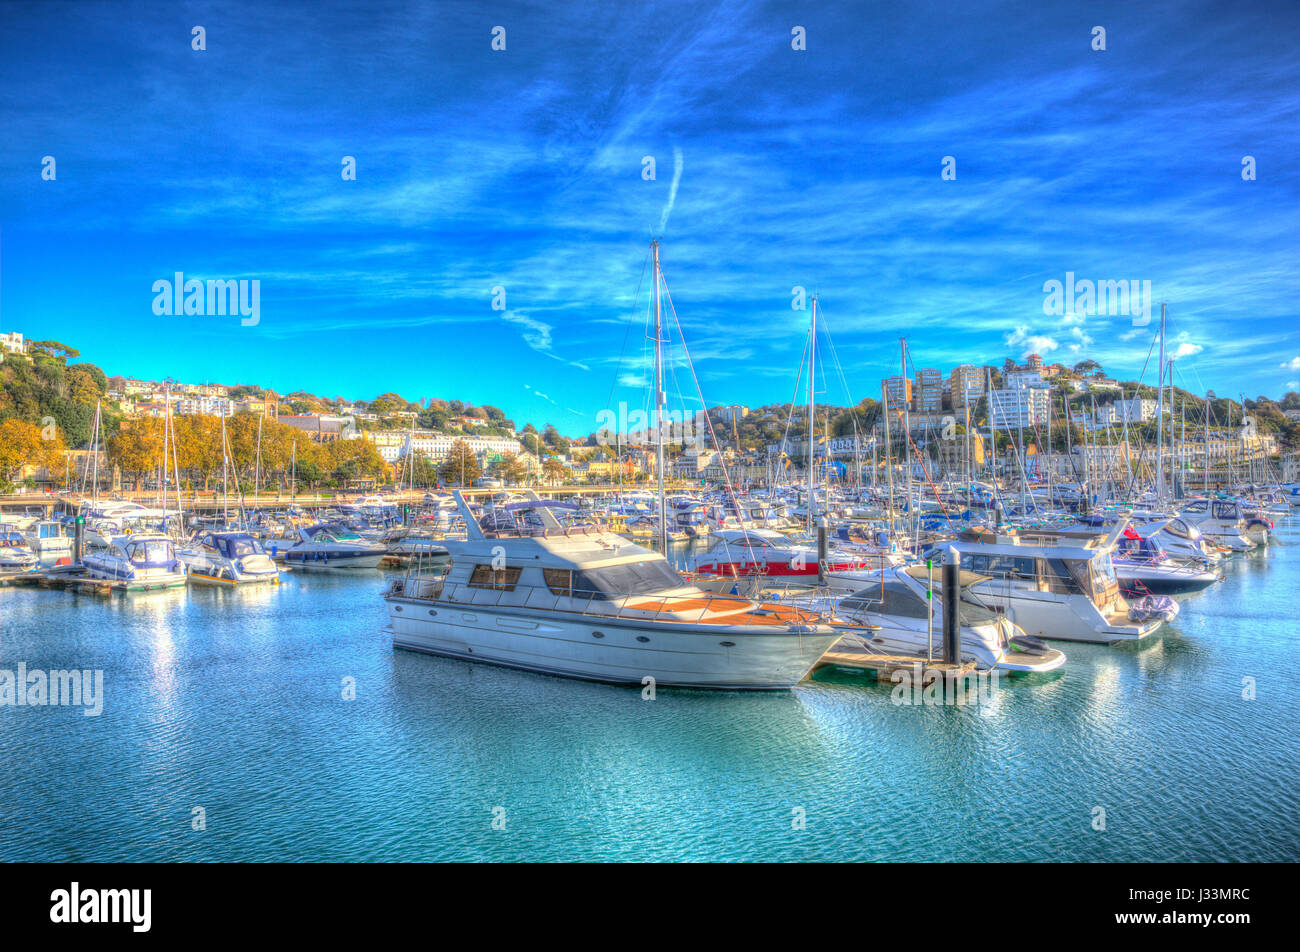 Torquay Devon Hafen mit Booten und Yachten an schönen Tag an der englischen Riviera in bunte HDR Stockbild